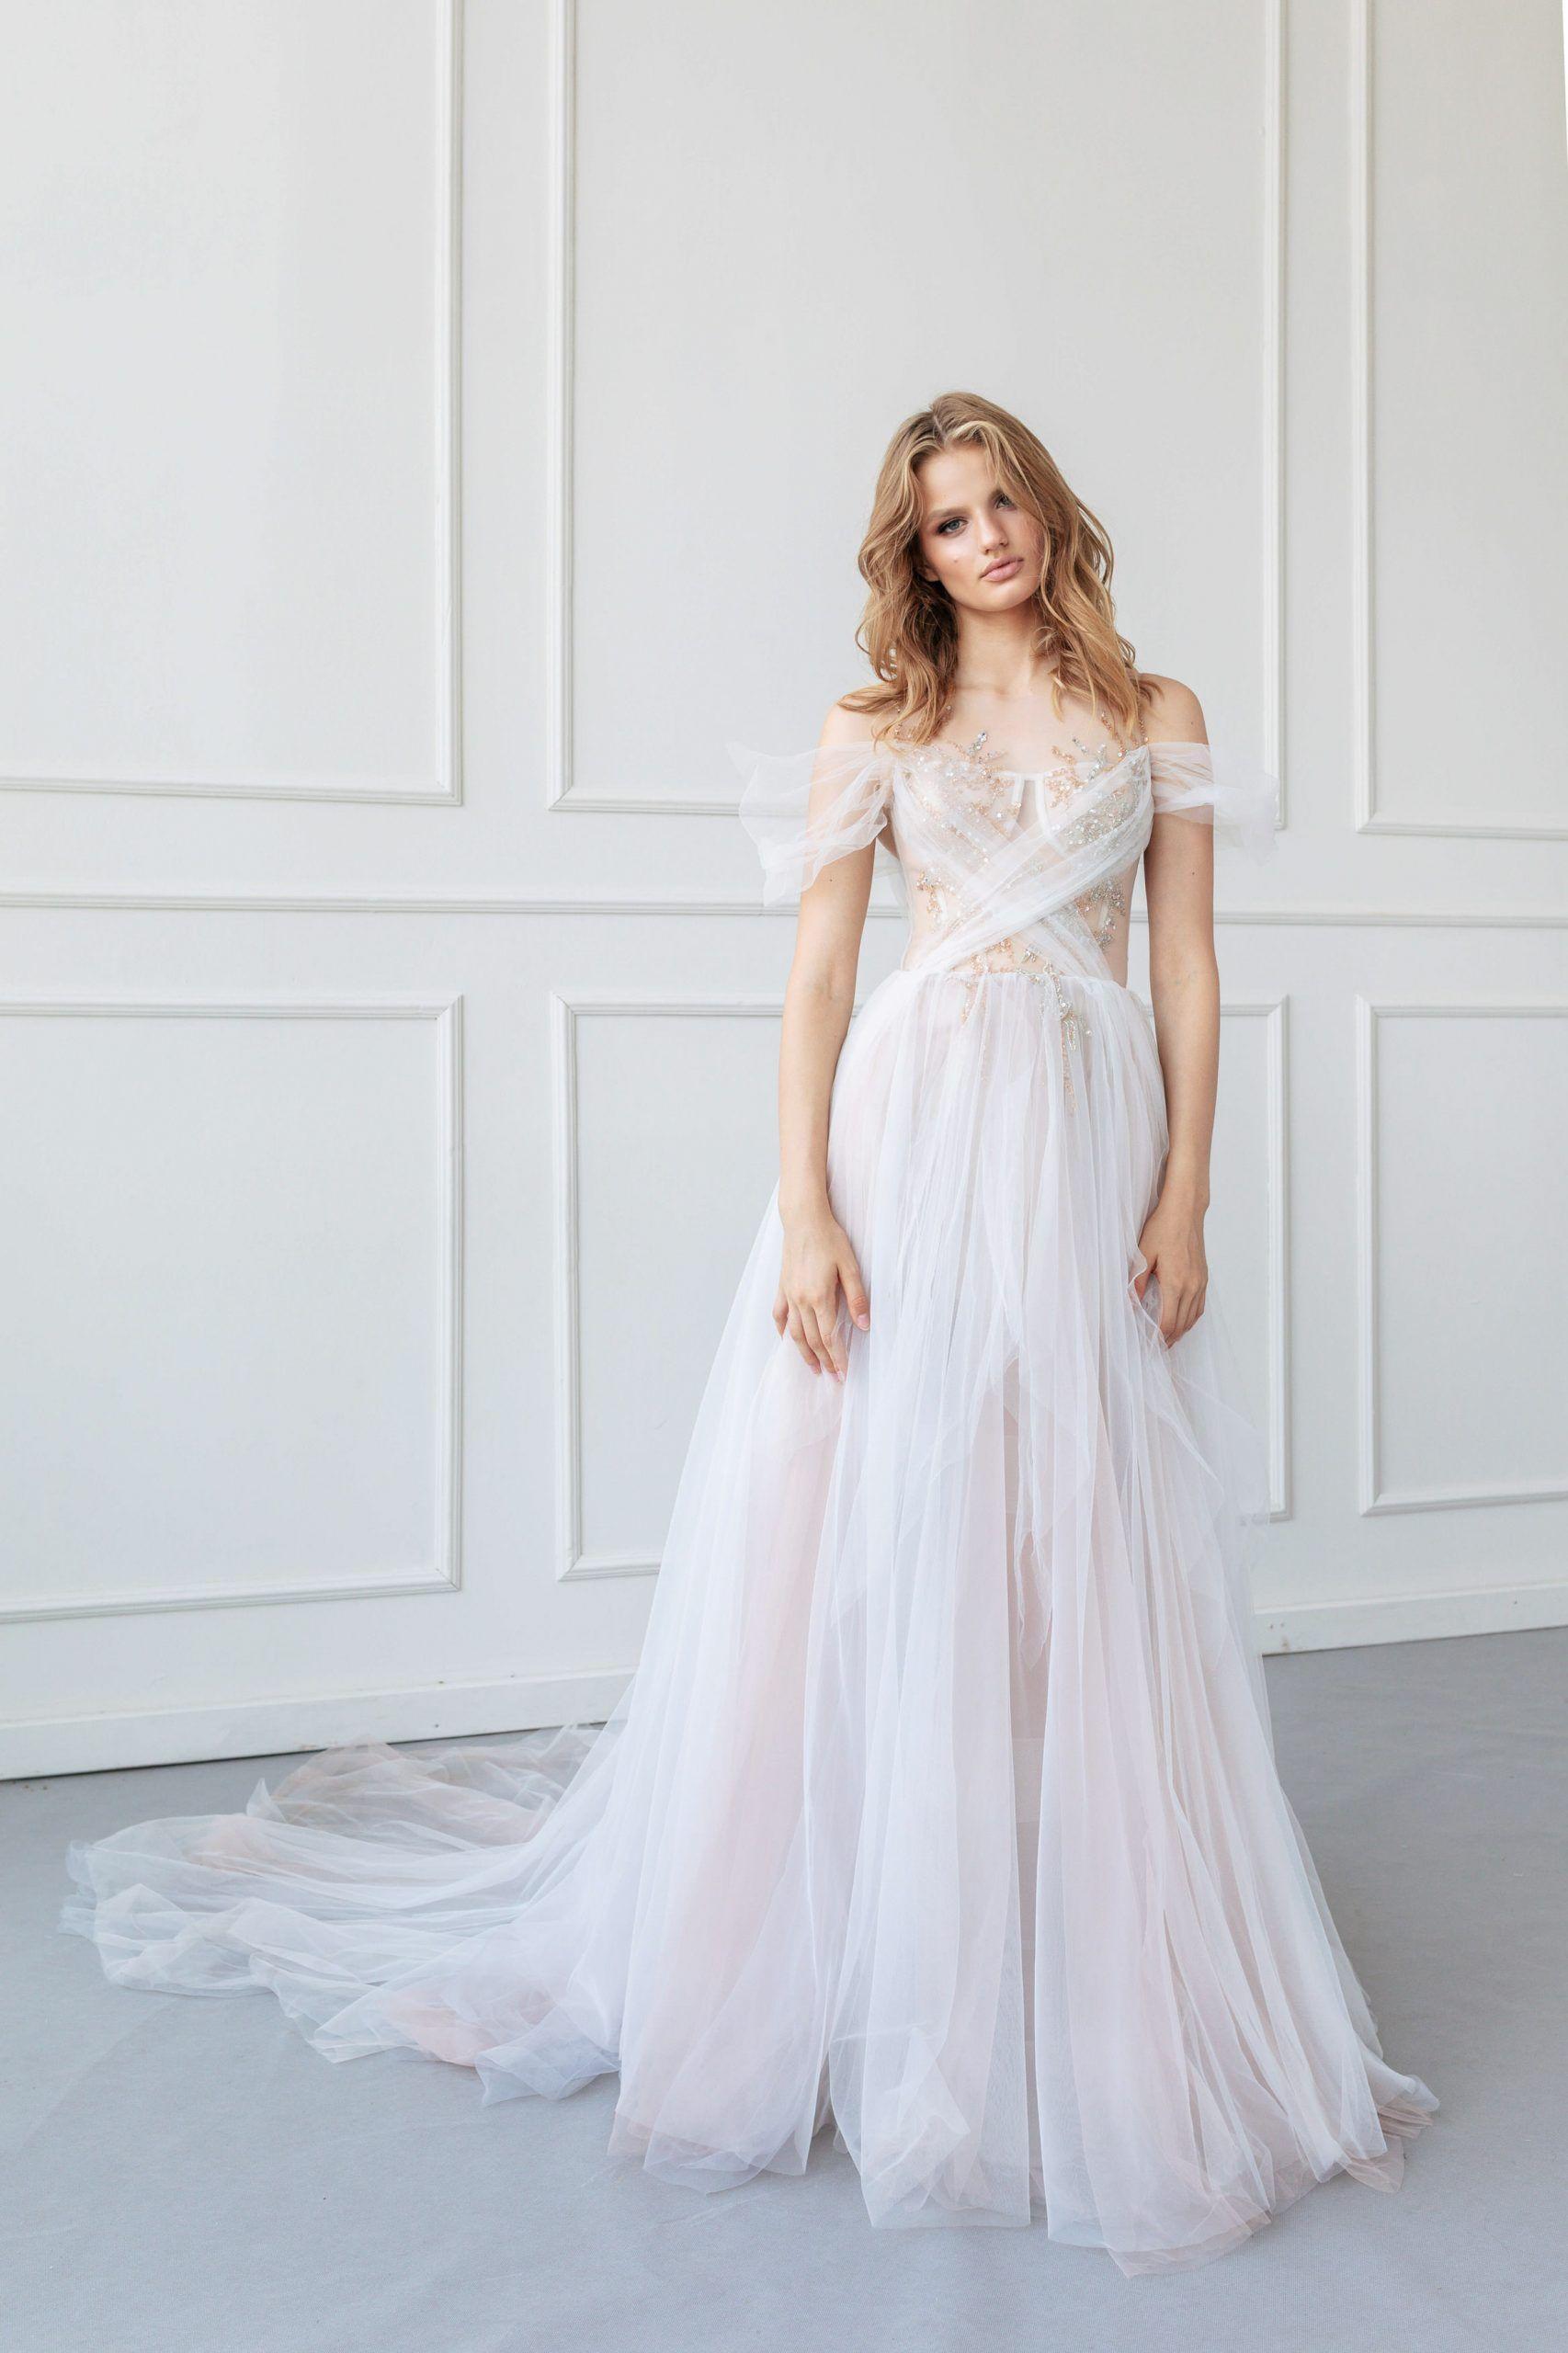 Wedding Gown Ange Etoiles Jastine Luxx Nova A Line Wedding Dress Wedding Dresses Dresses [ 2560 x 1706 Pixel ]